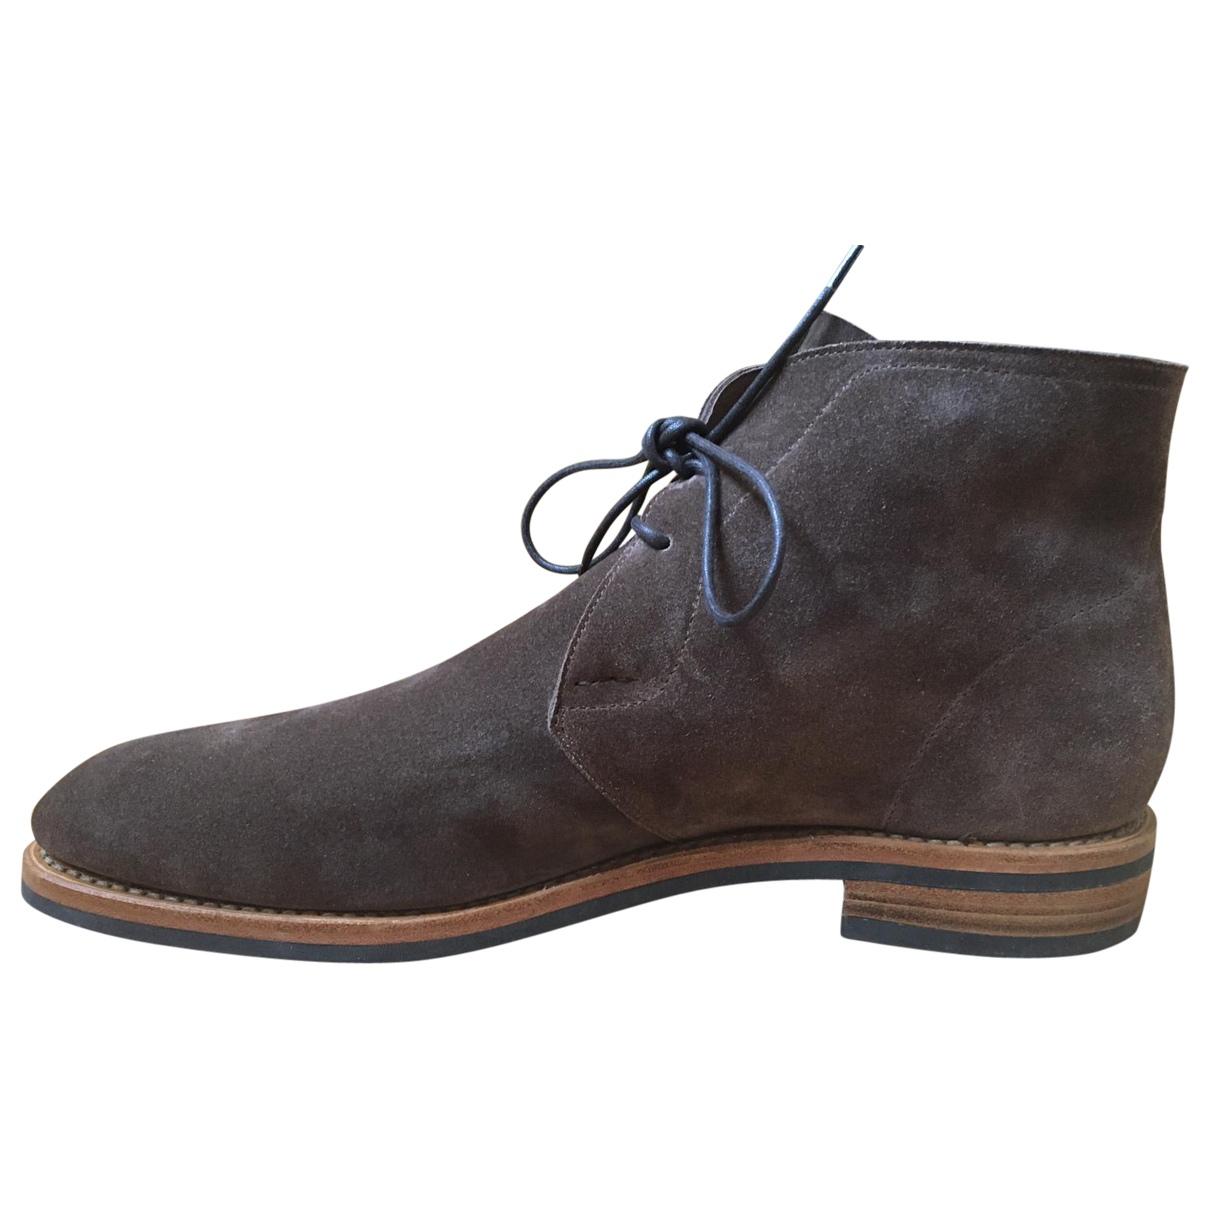 Heschung \N Stiefel in  Braun Leder